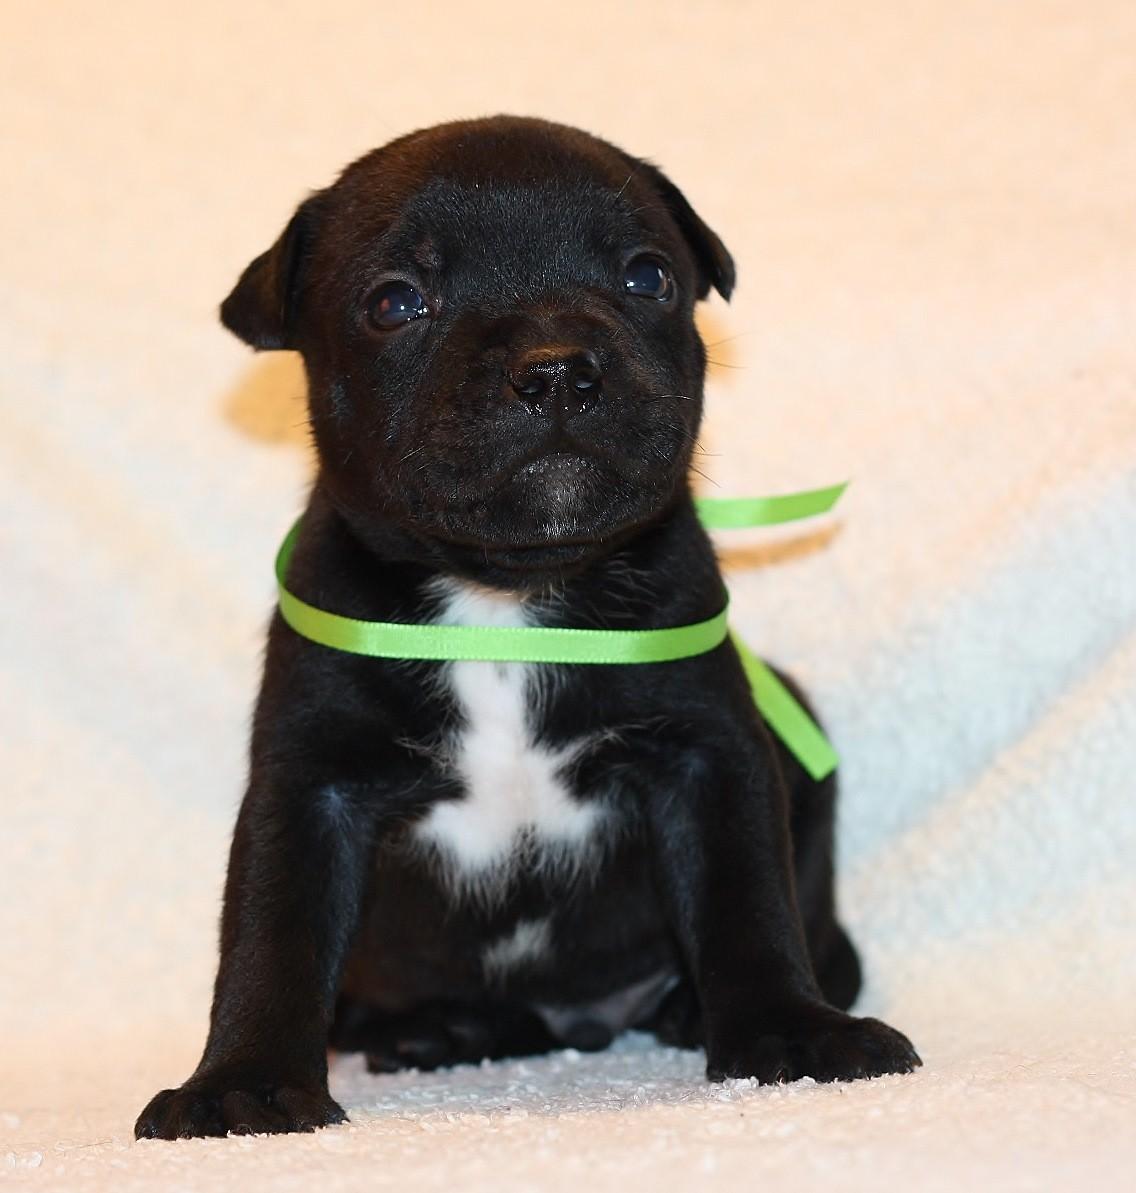 green boy 26 days old